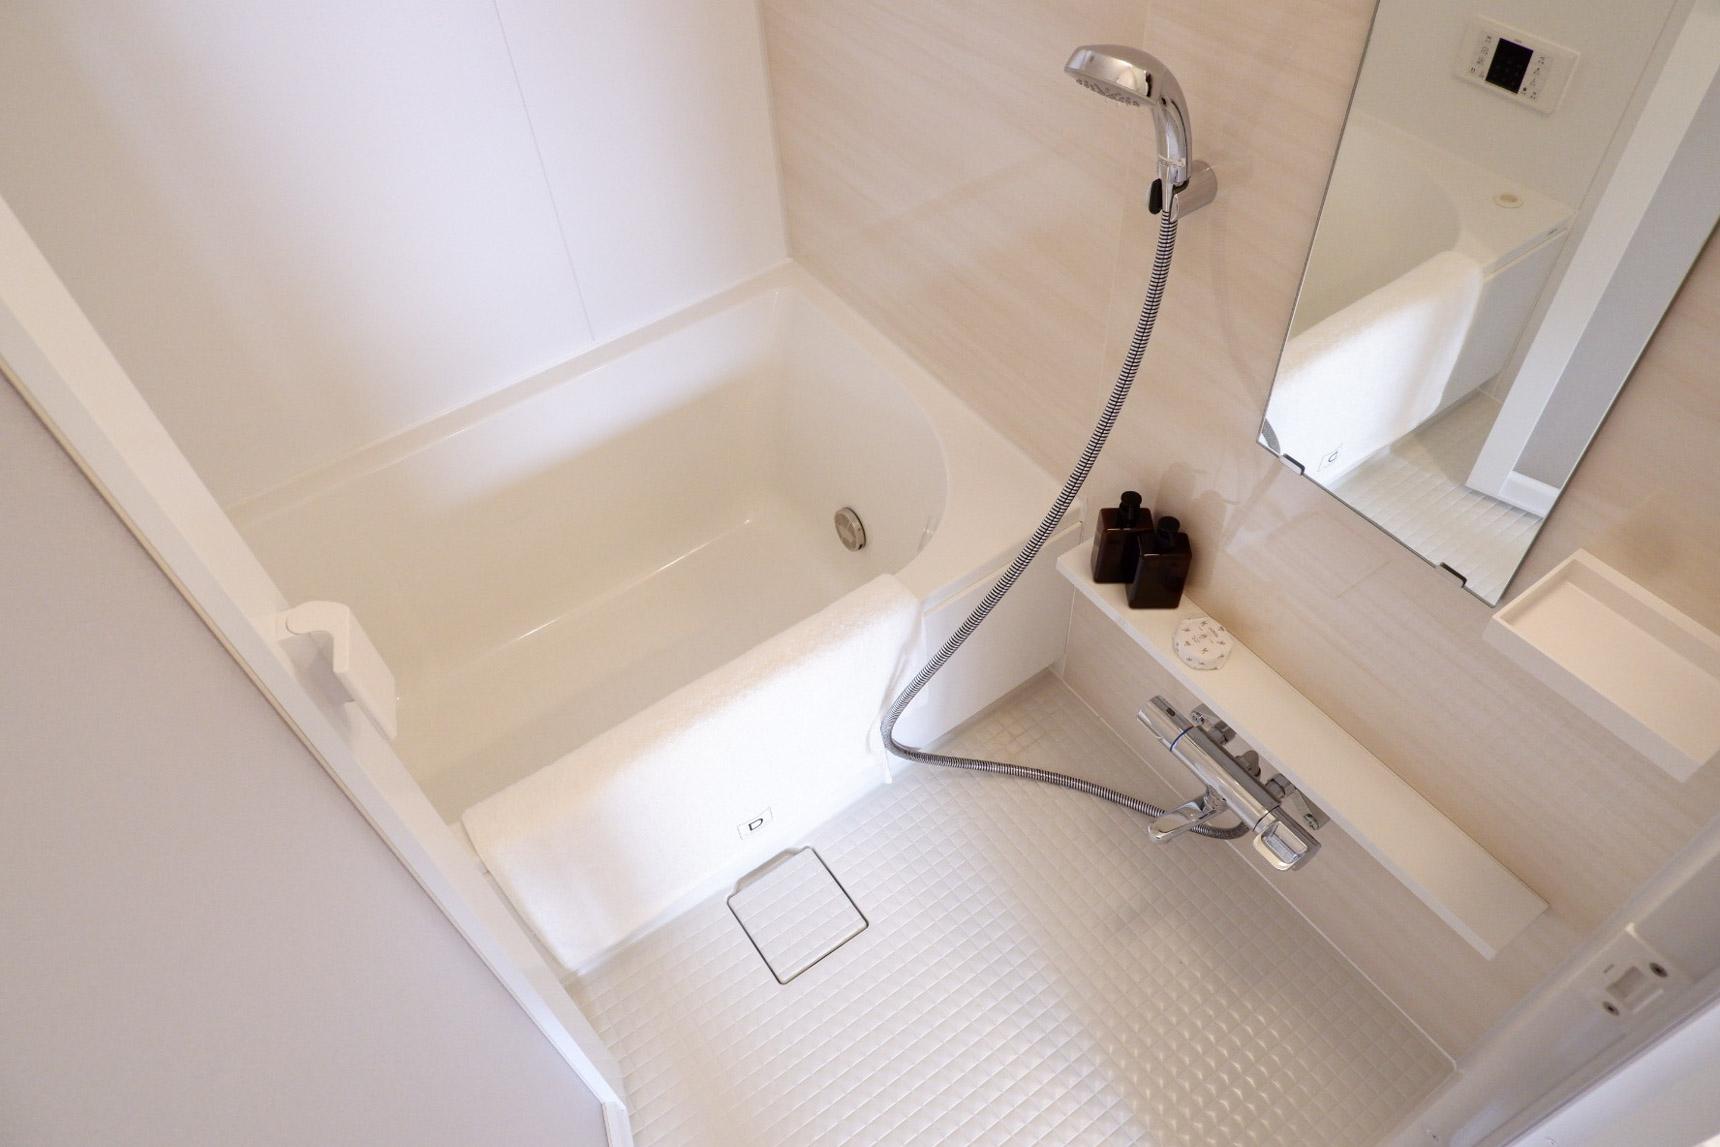 水回りはフルリノベーションされていて、キッチンもお風呂もピカピカです。